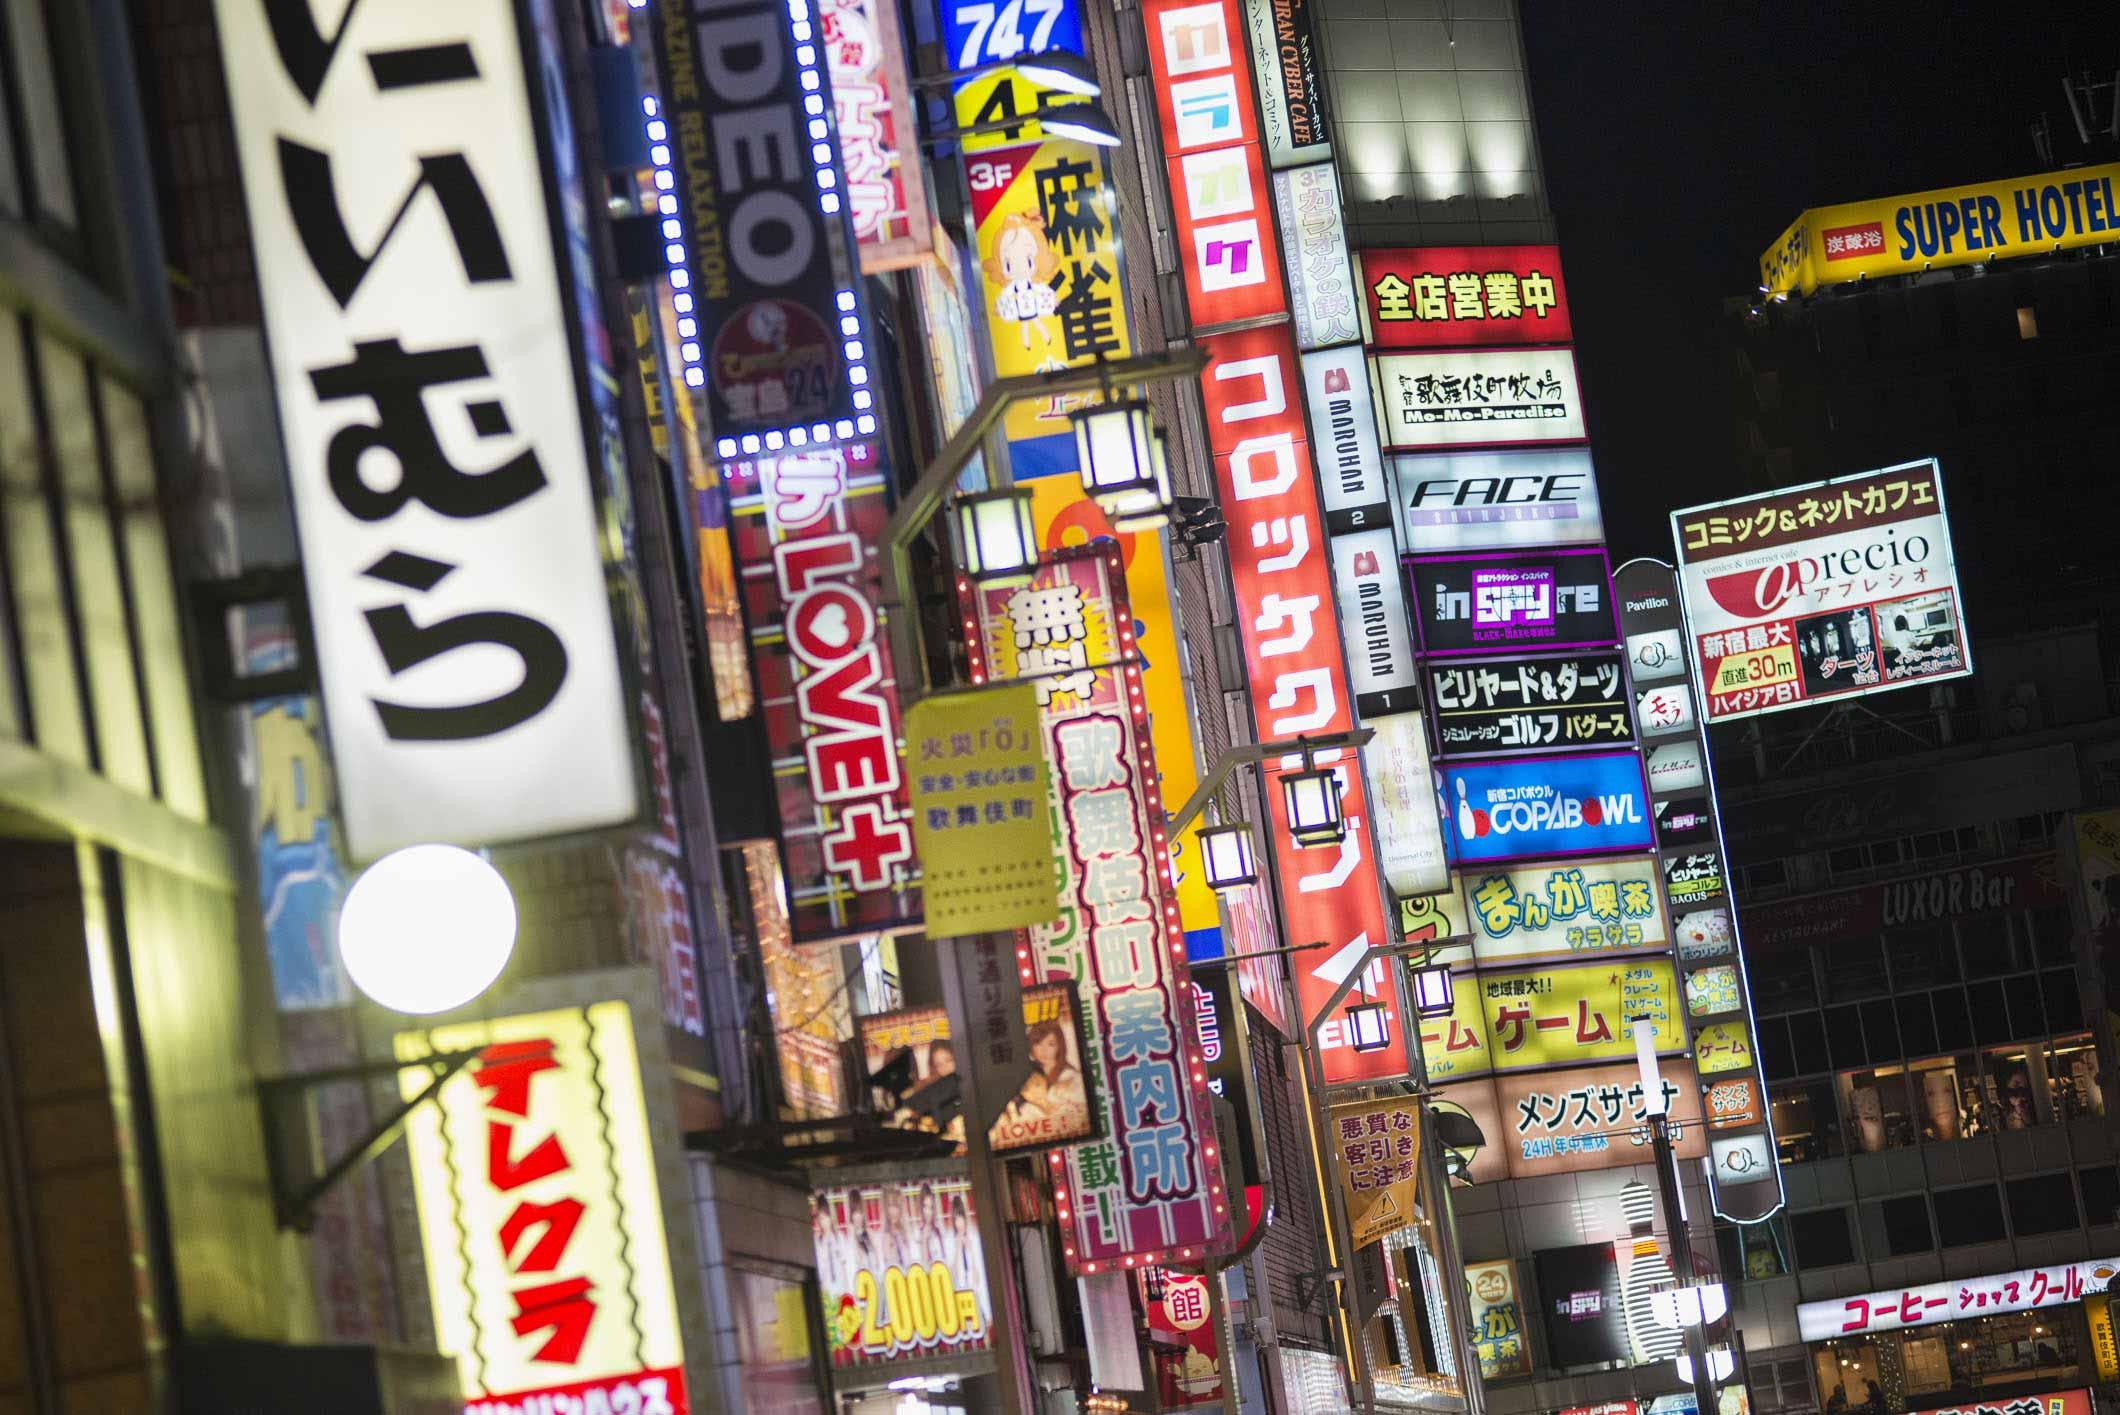 VIAGGIO IN GIAPPONE – TOKYO SHINJUKU #1